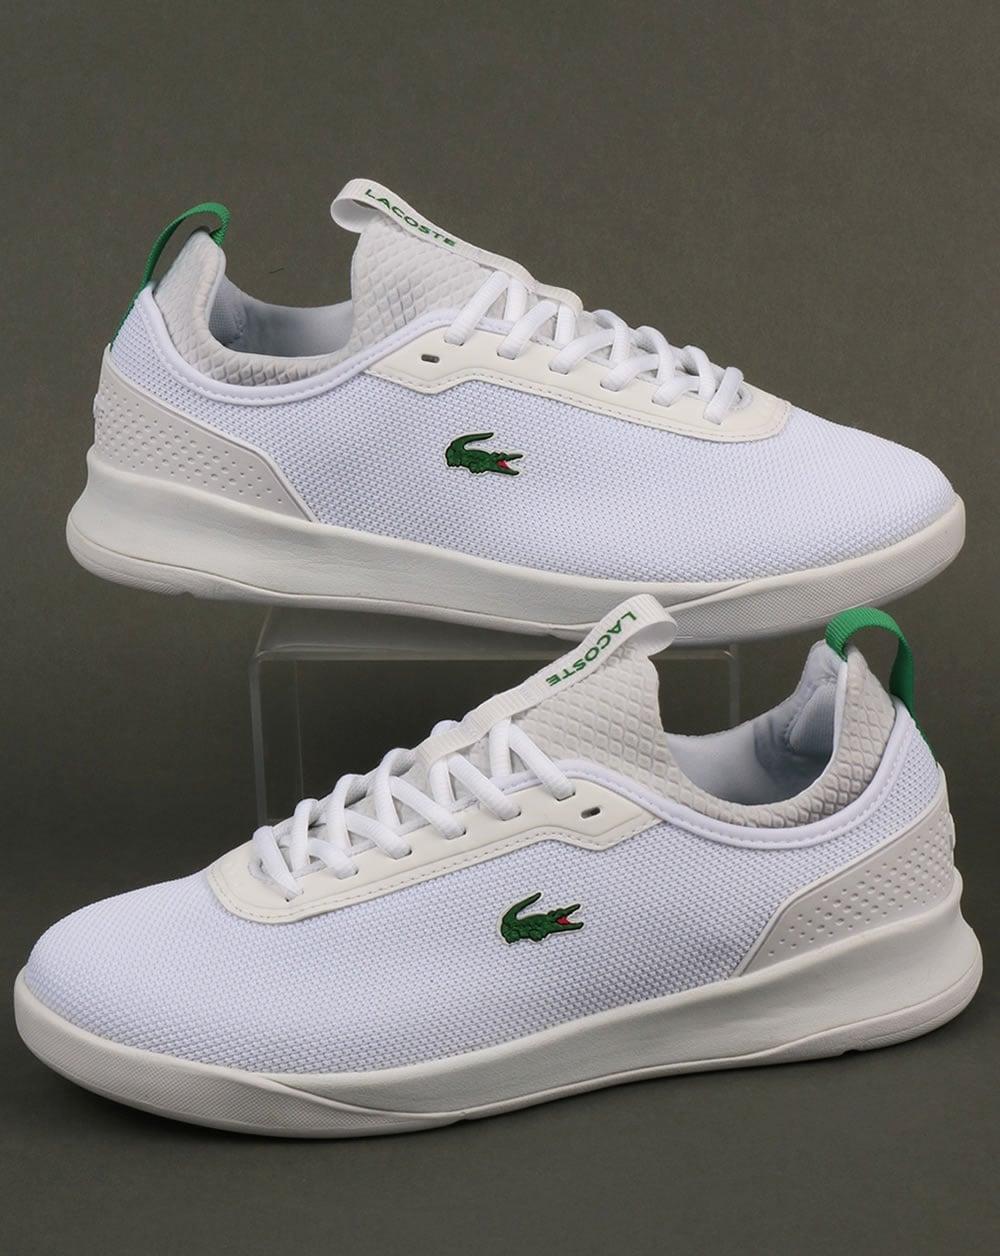 e550b7f99 Lacoste Lacoste Footwear Lt Spirit 2.0 Trainers White Green